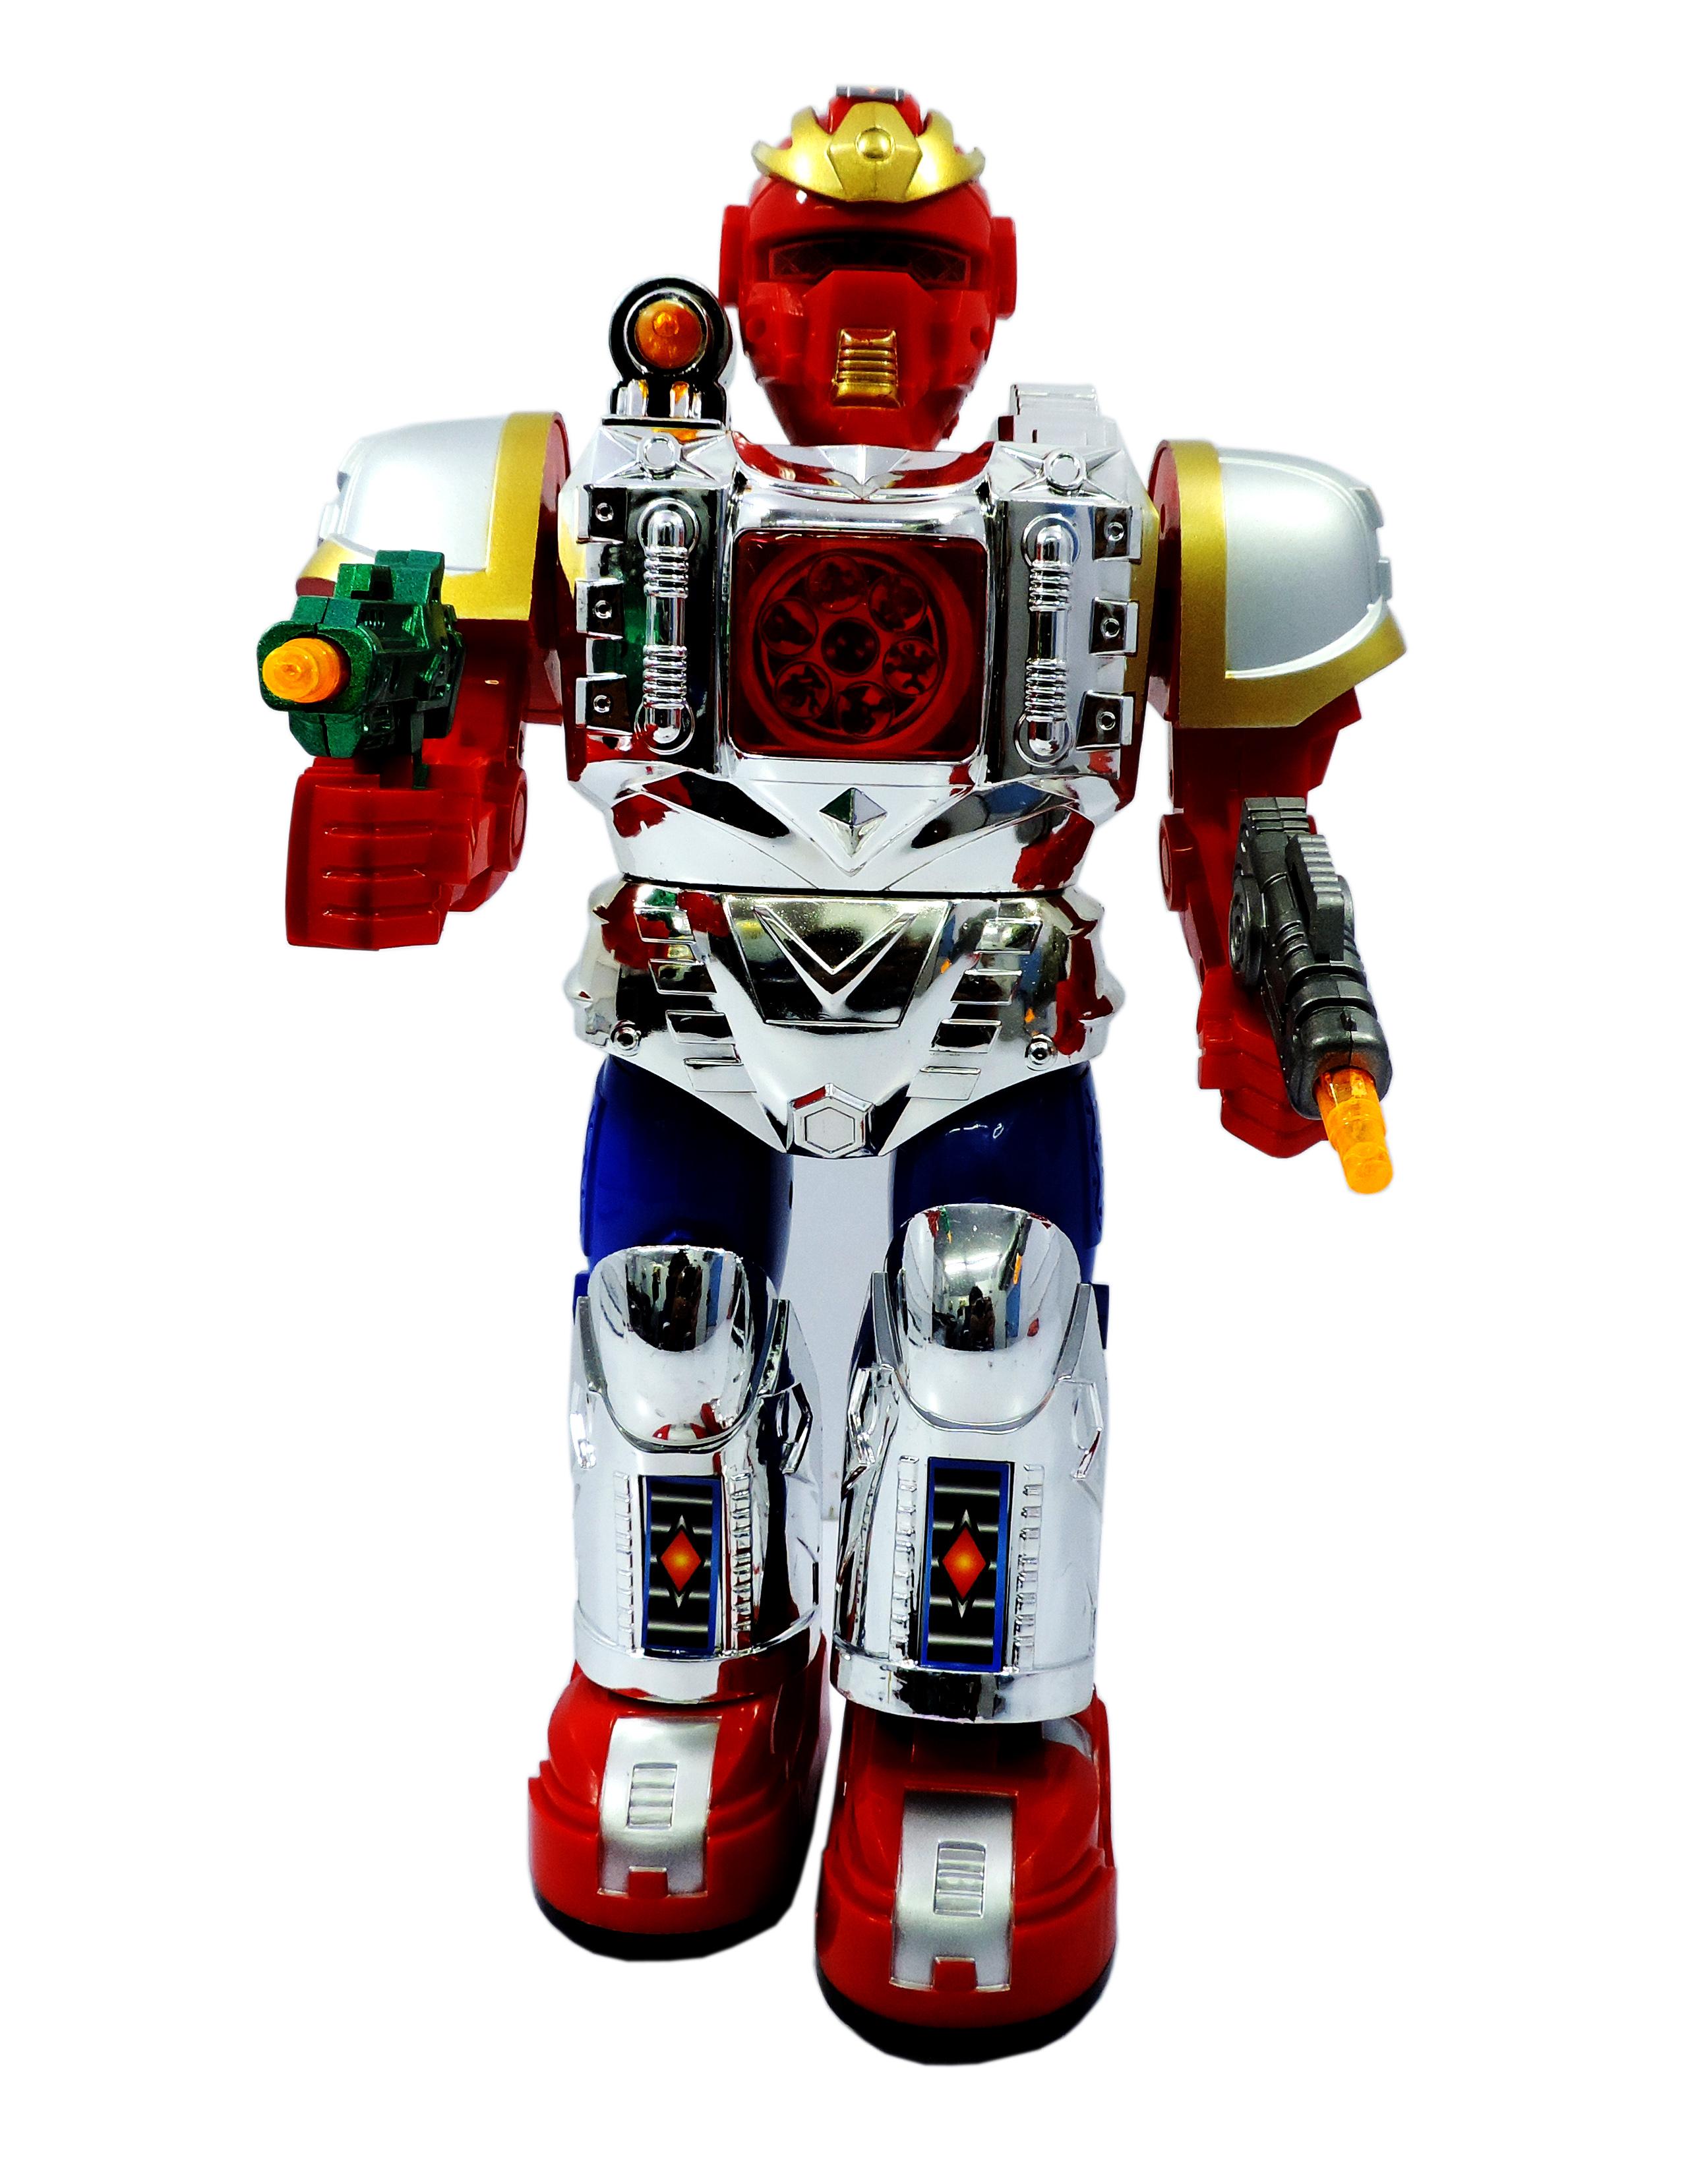 VINTAGE TOY ROBOT 90s   eBay